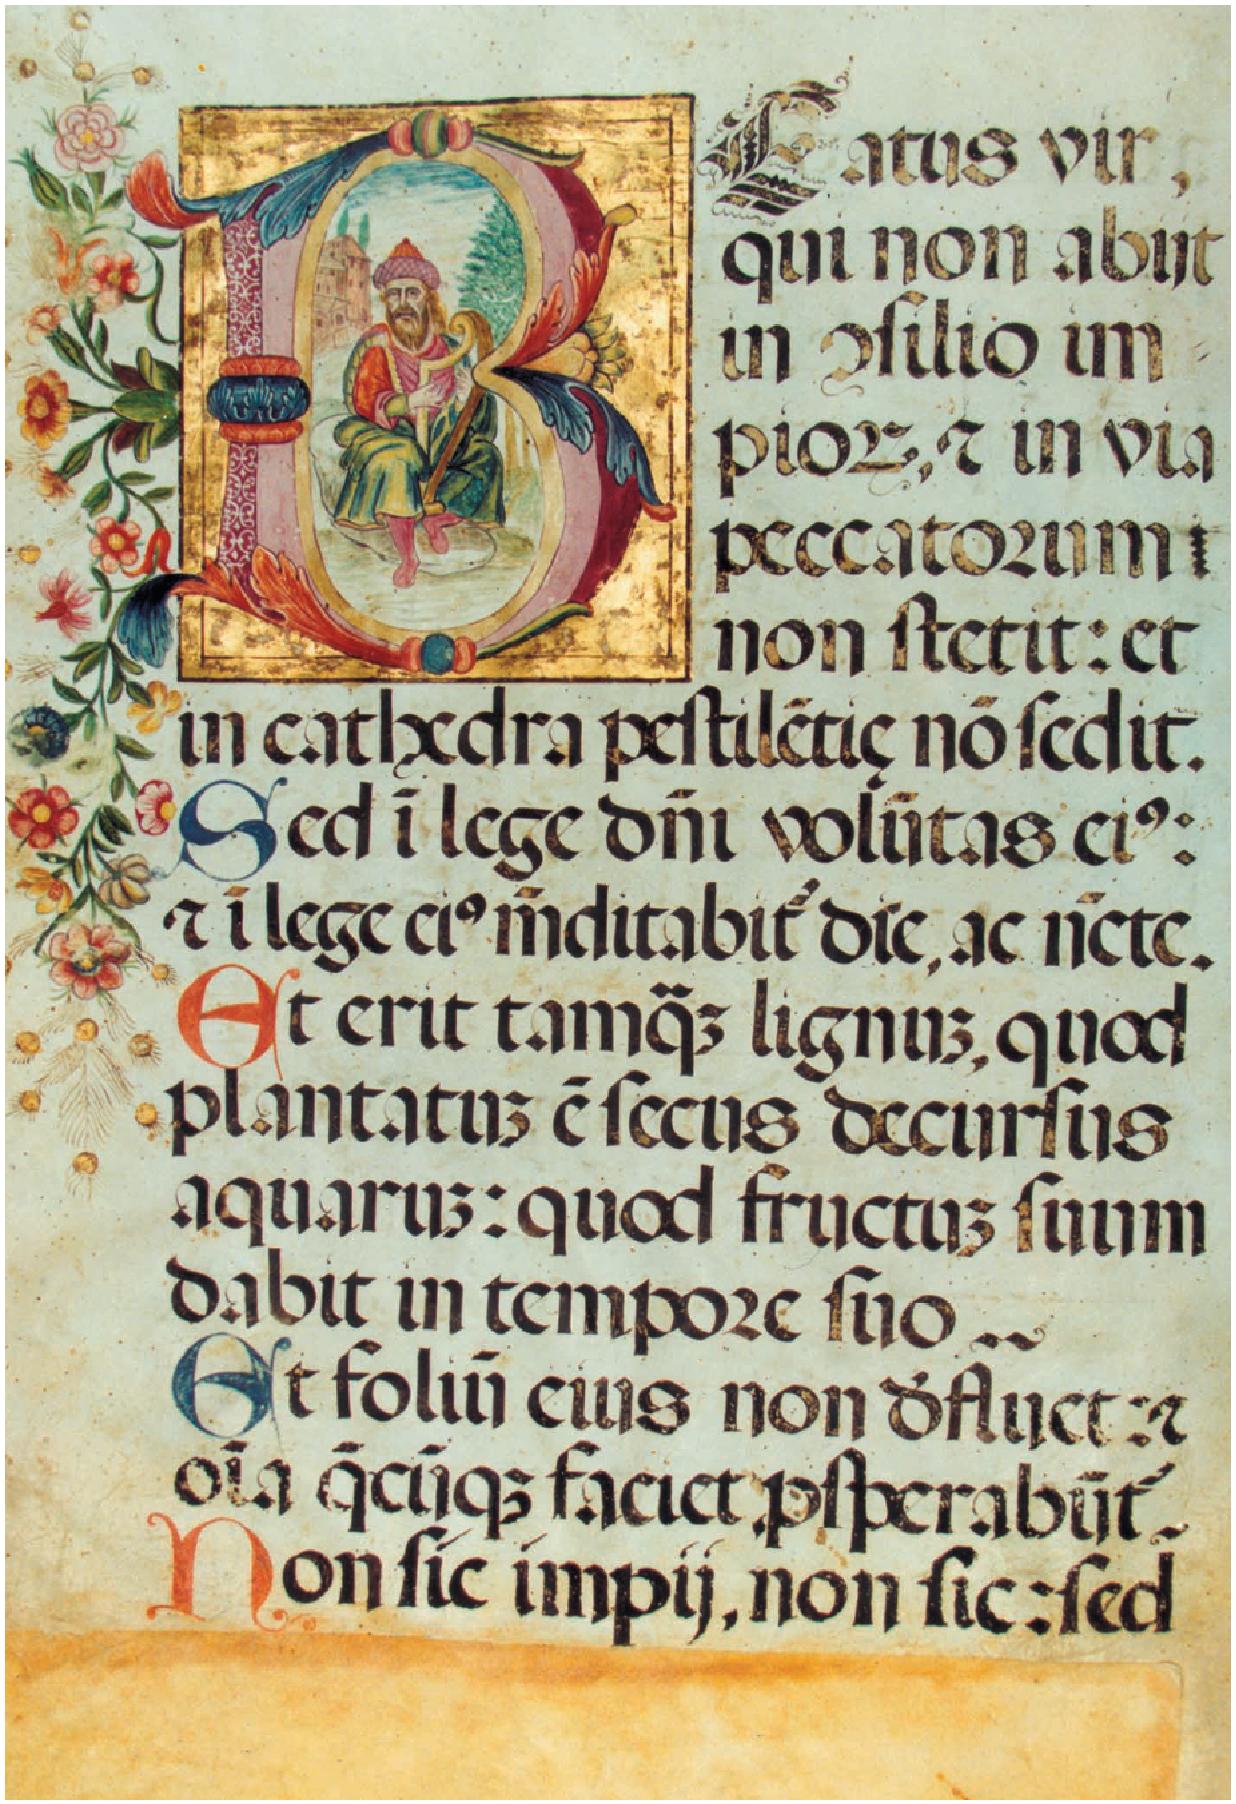 Salterio diurno del XVII secolo